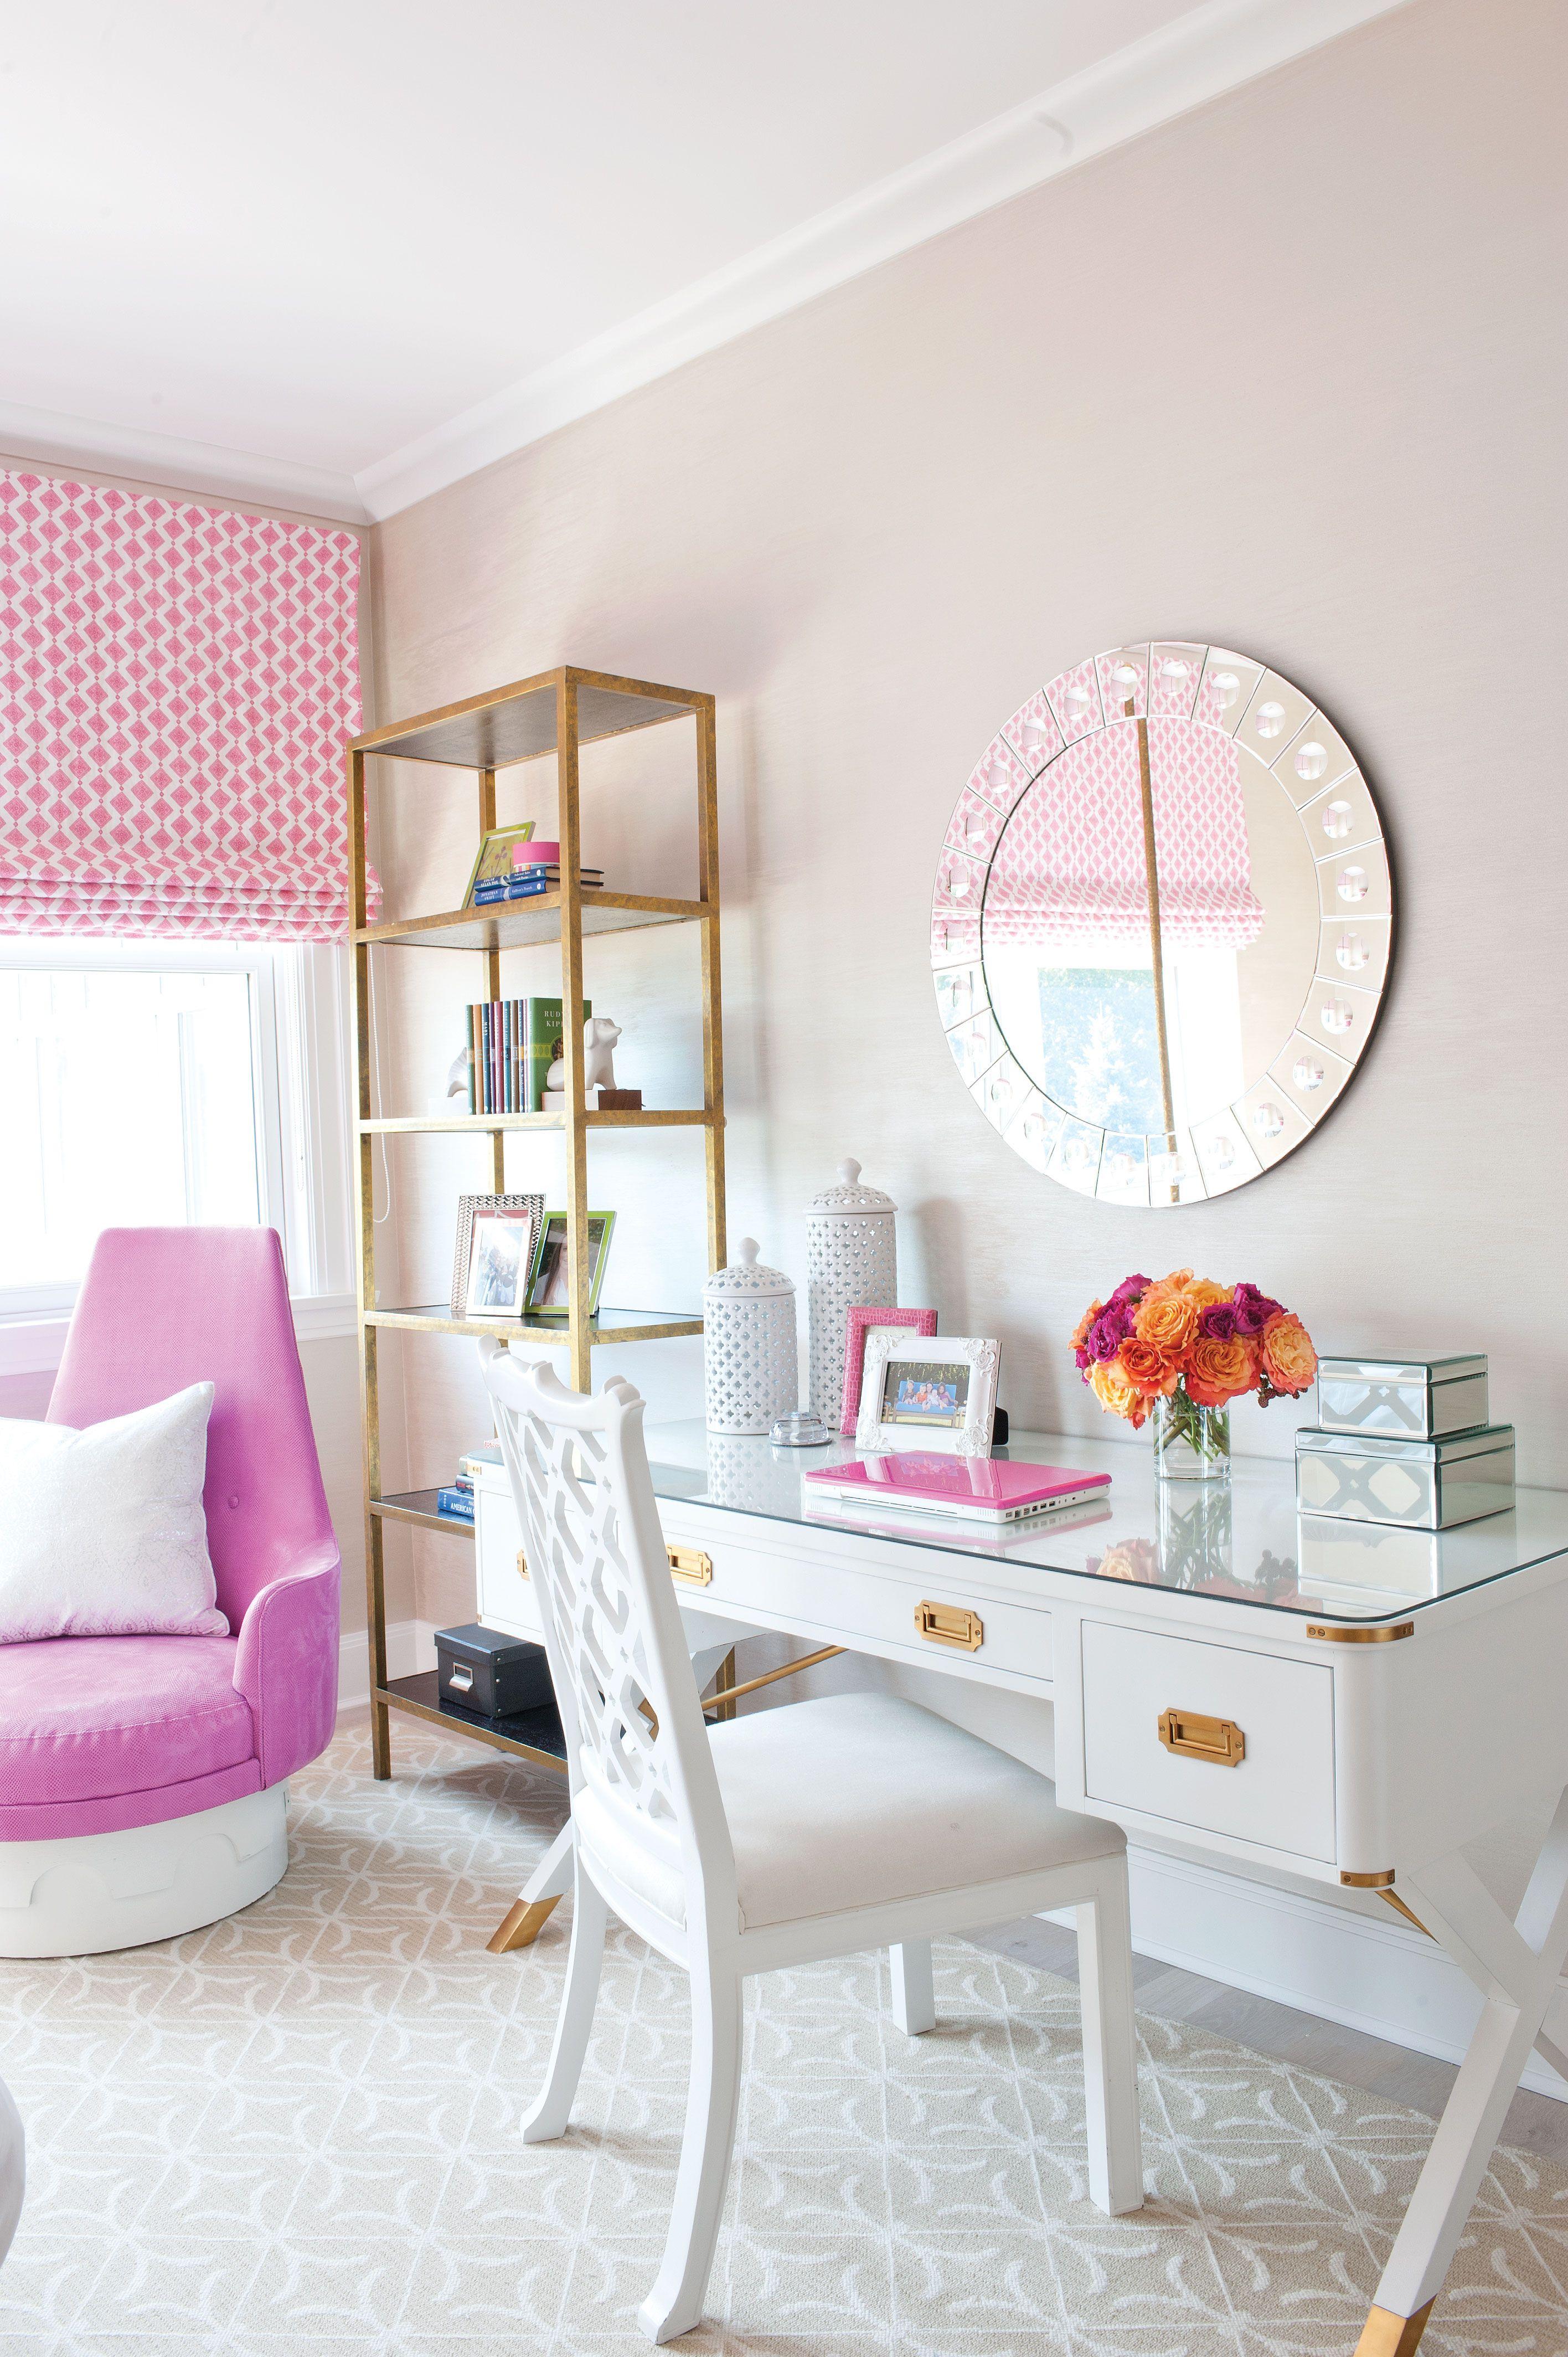 idea para decorar tu oficina en rosa blanco dorado le da una vista espaciosa y